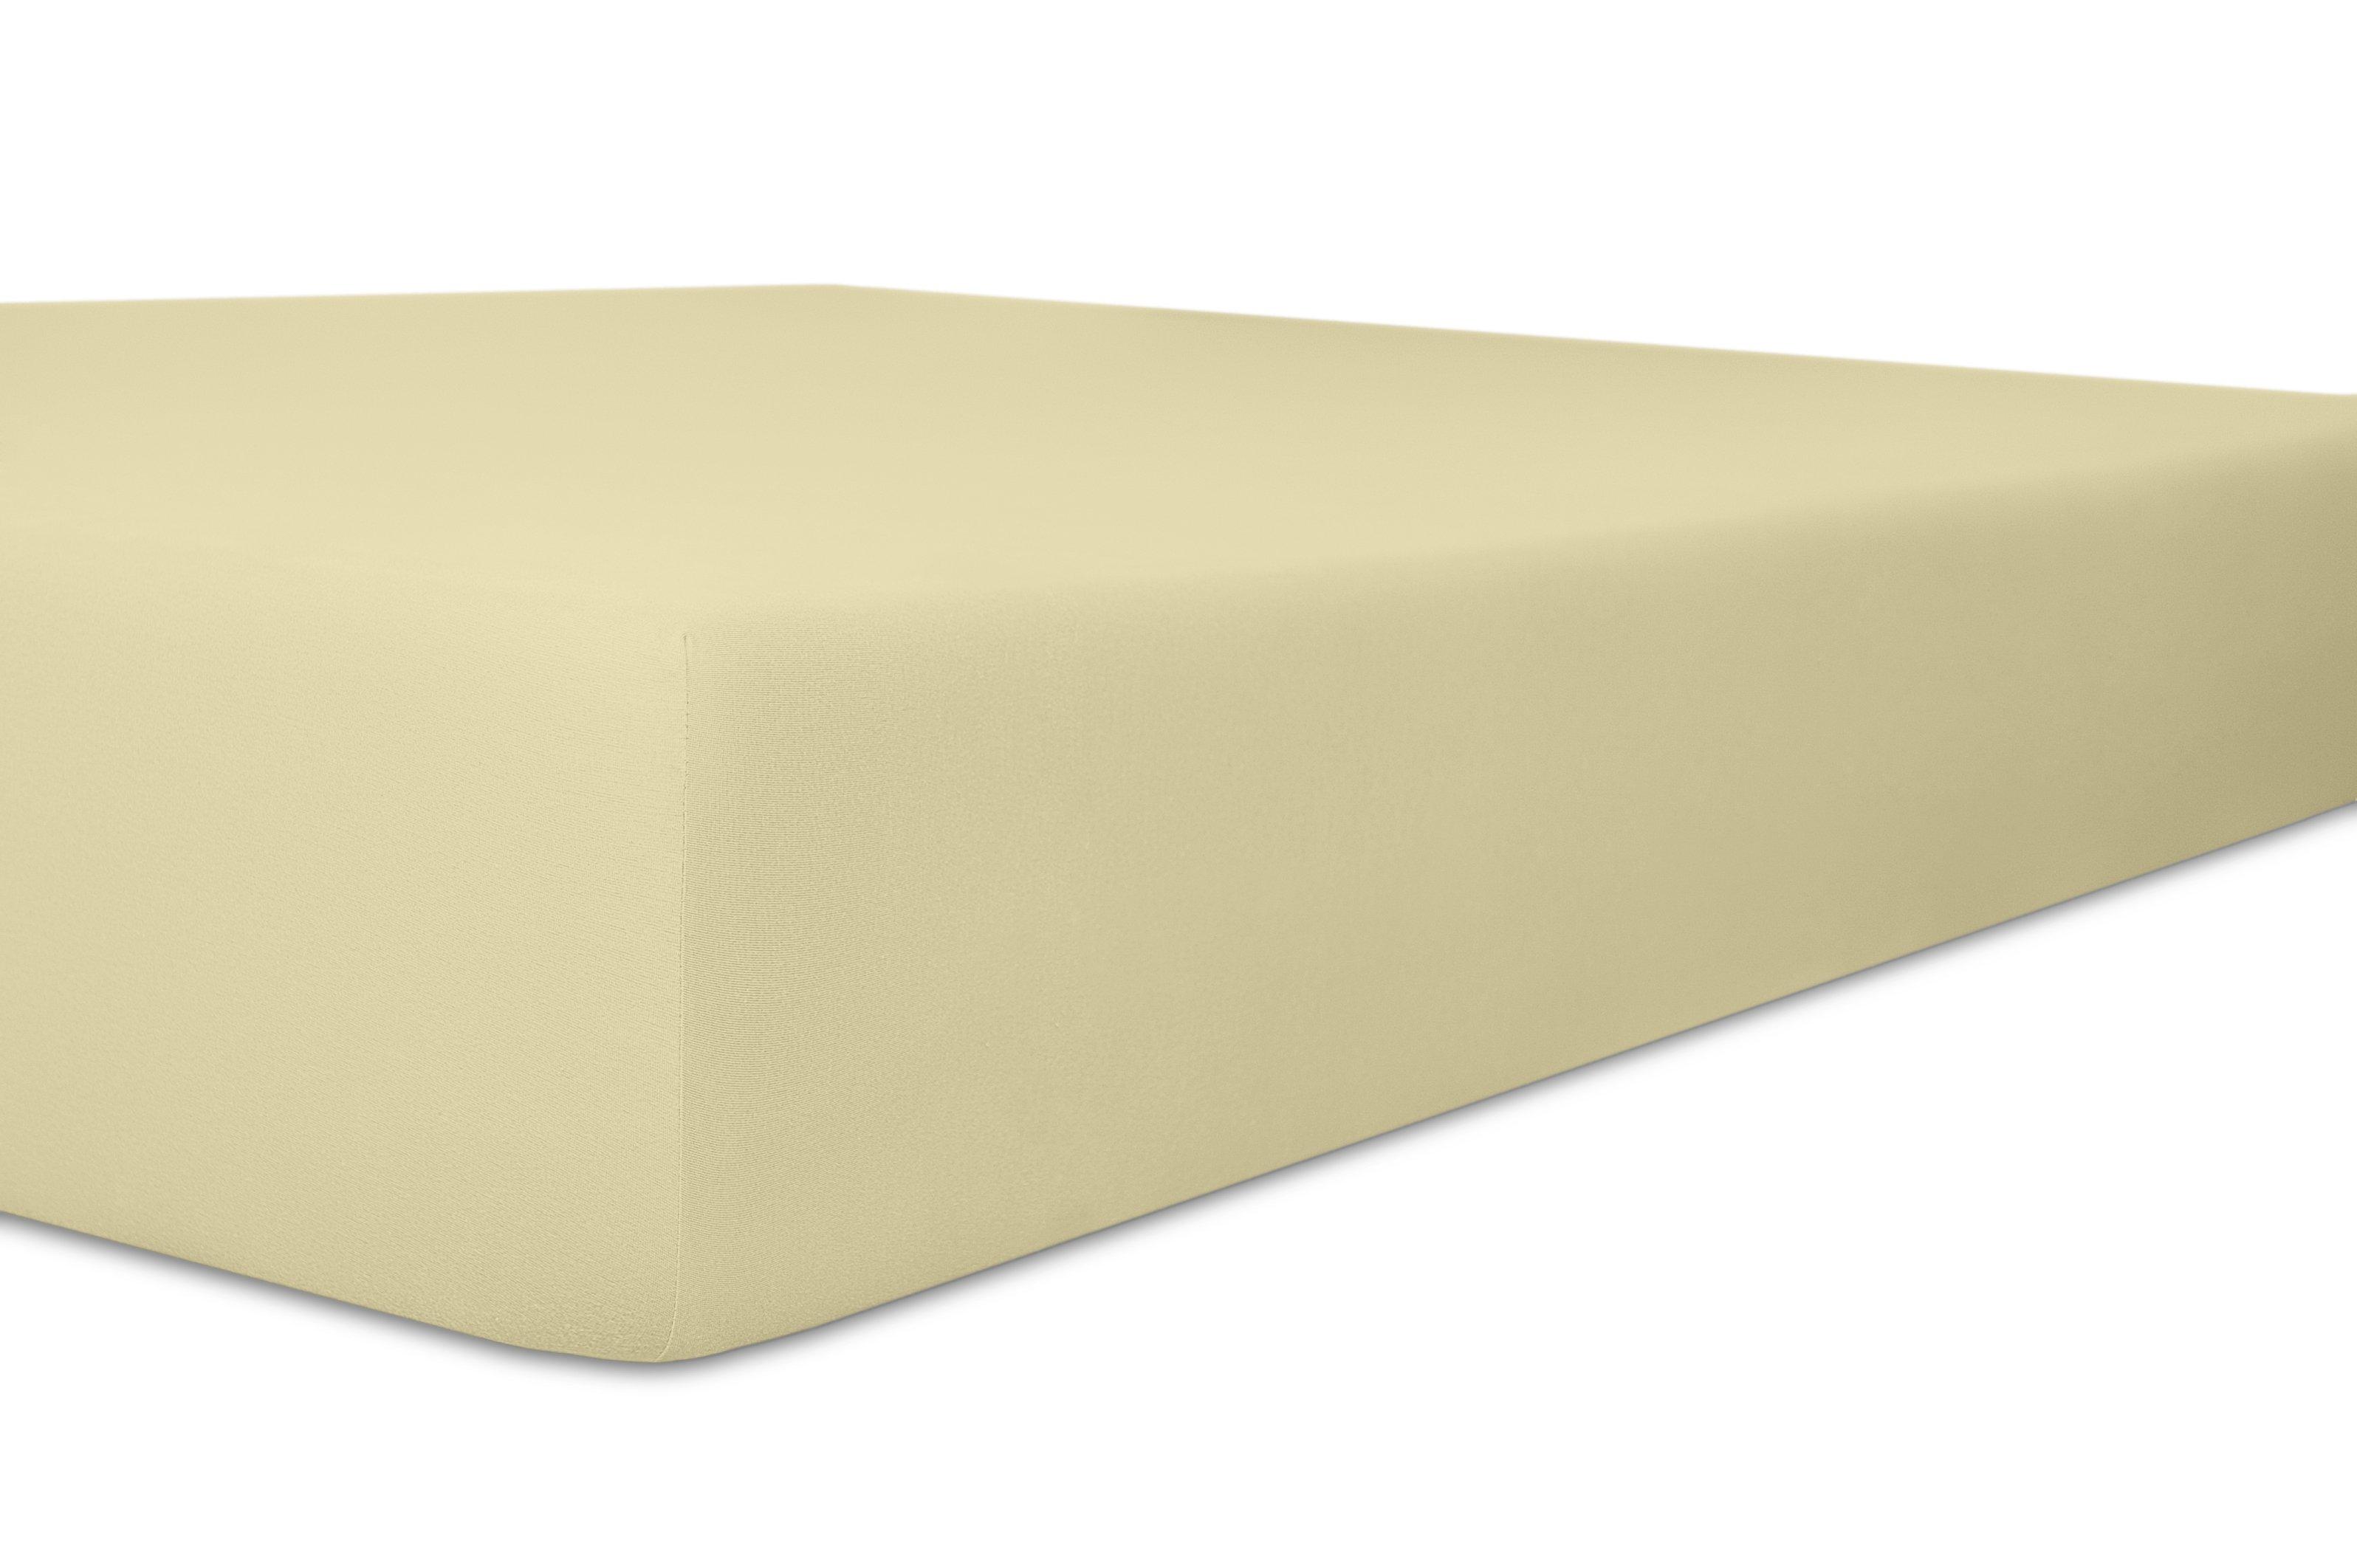 Spannbetttuch Standard natur 96 % Baumwolle / 4% Elasthan